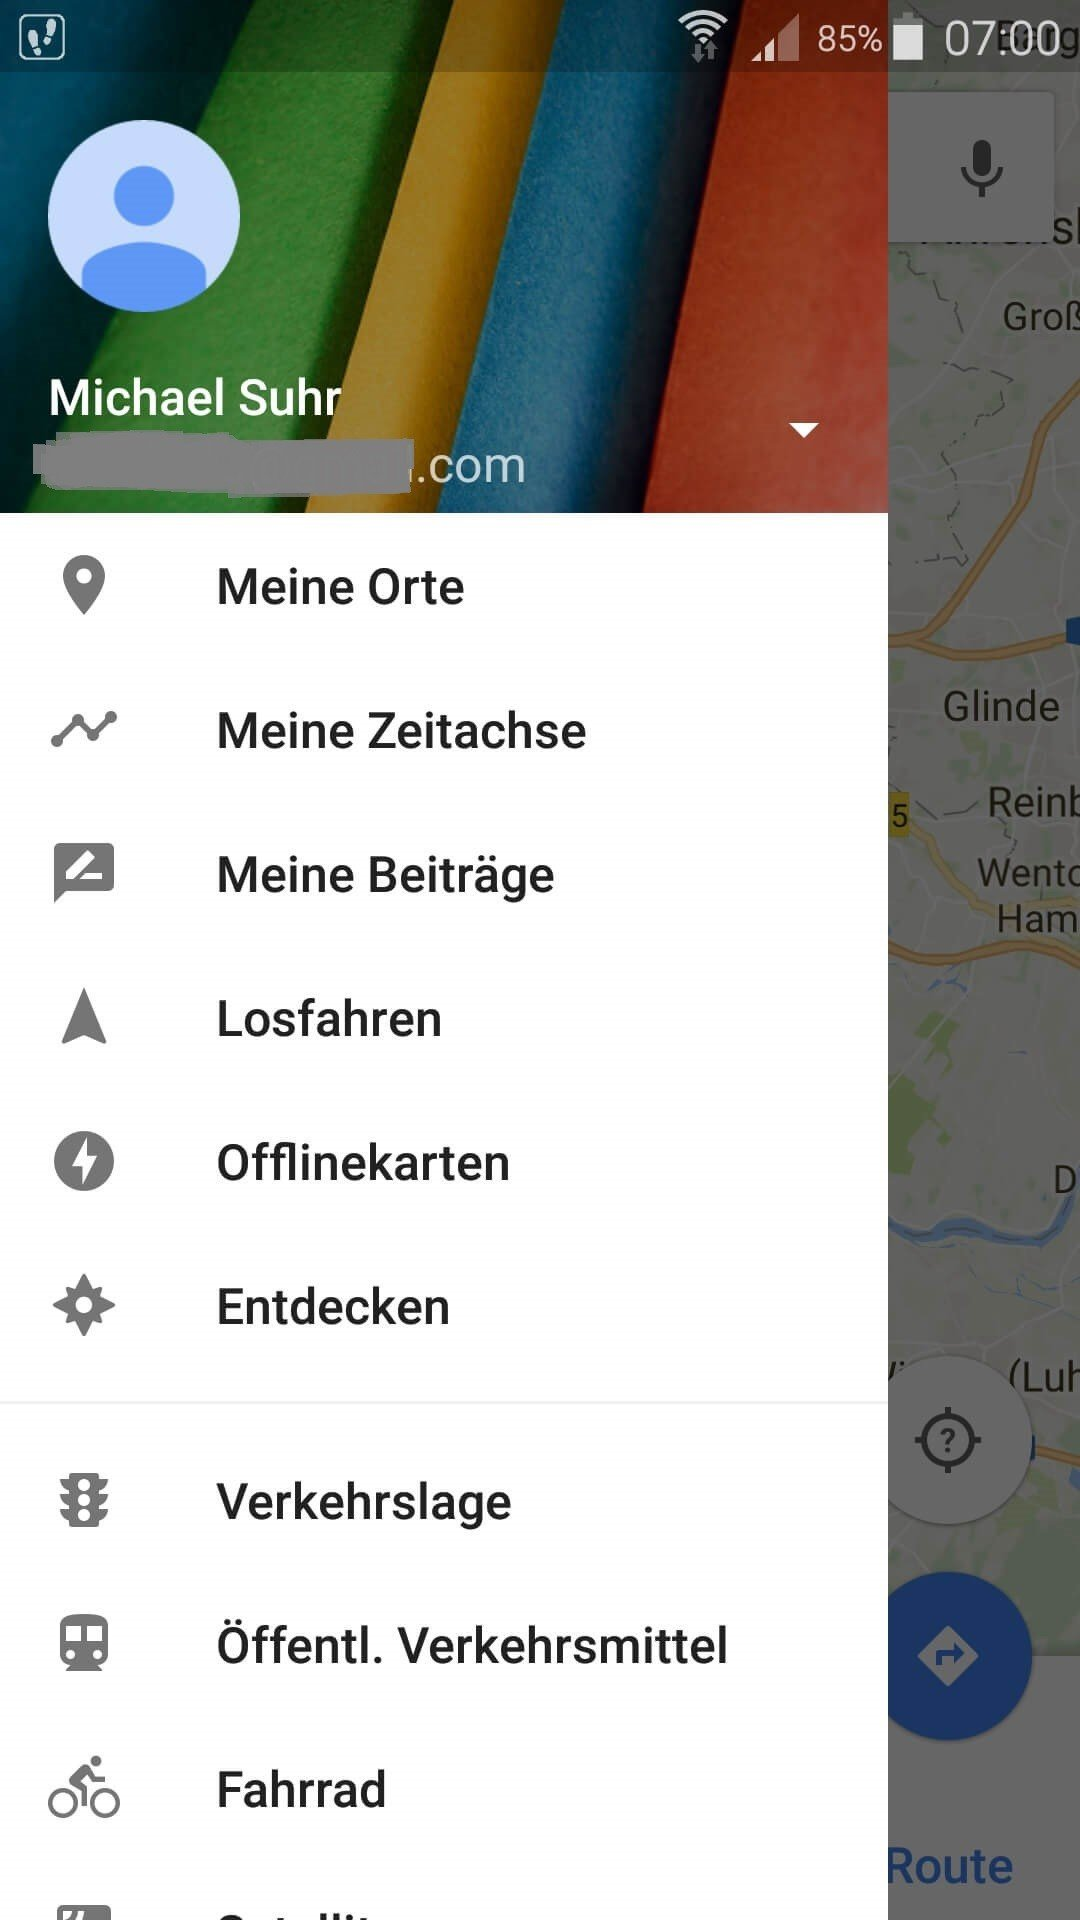 Meine Zeitachse in Google Maps